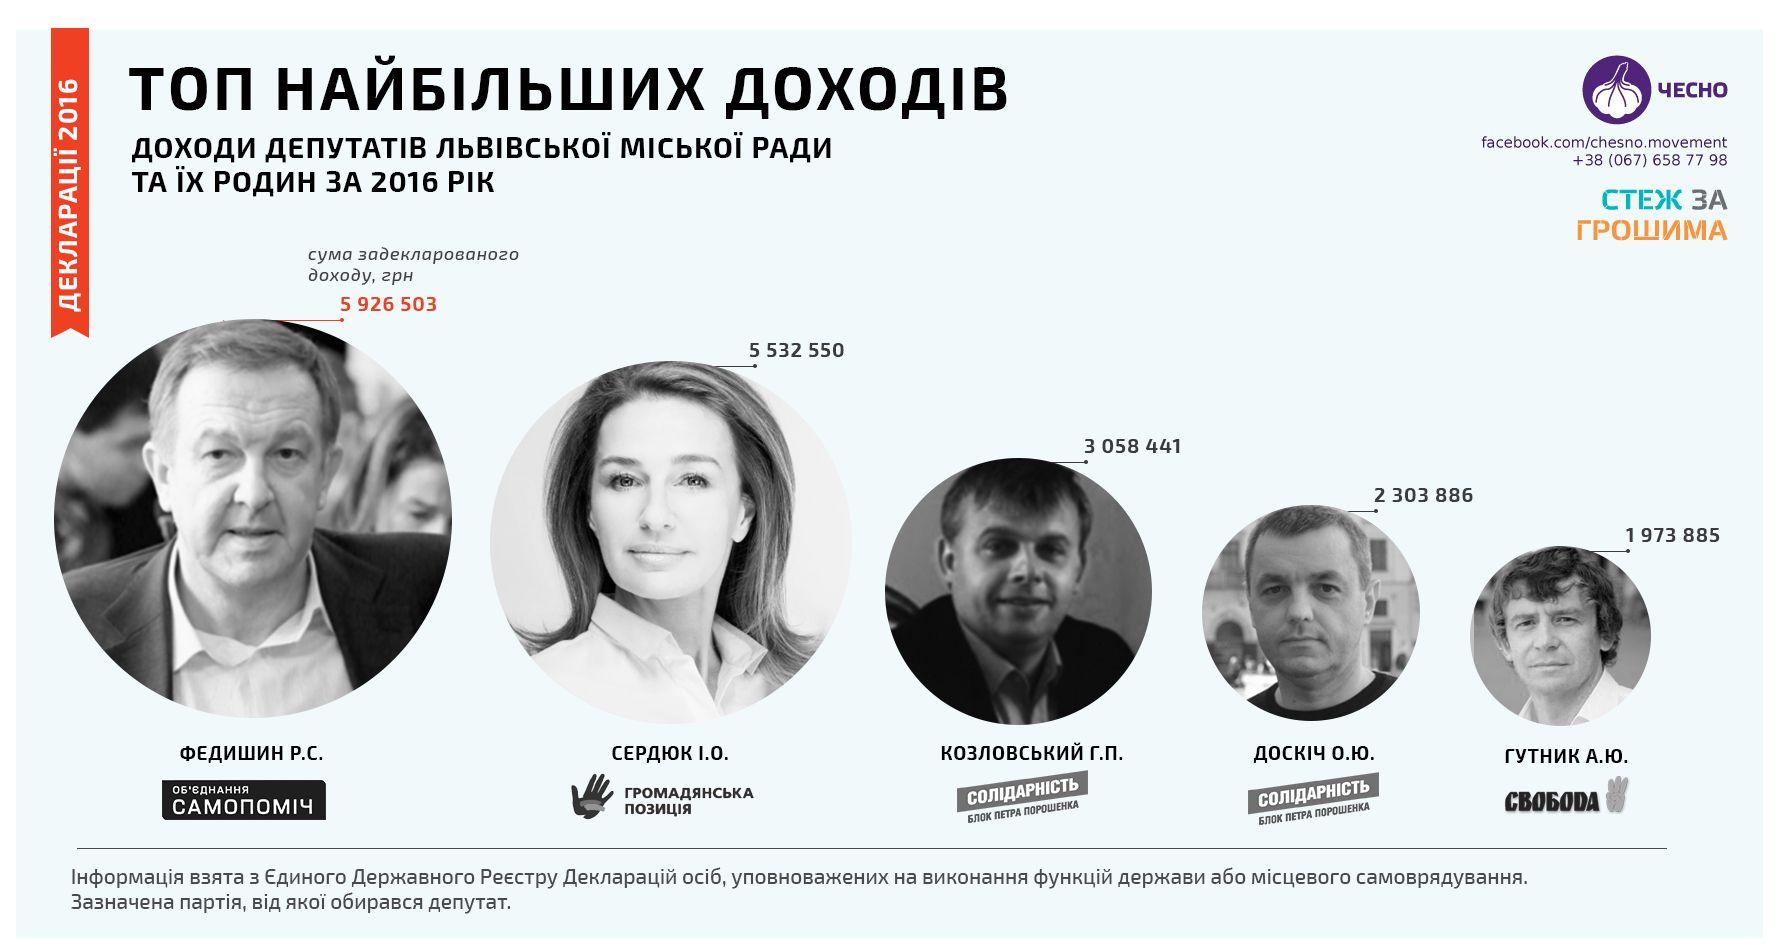 Хто з депутатів Львівської міської ради має найбільші доходи